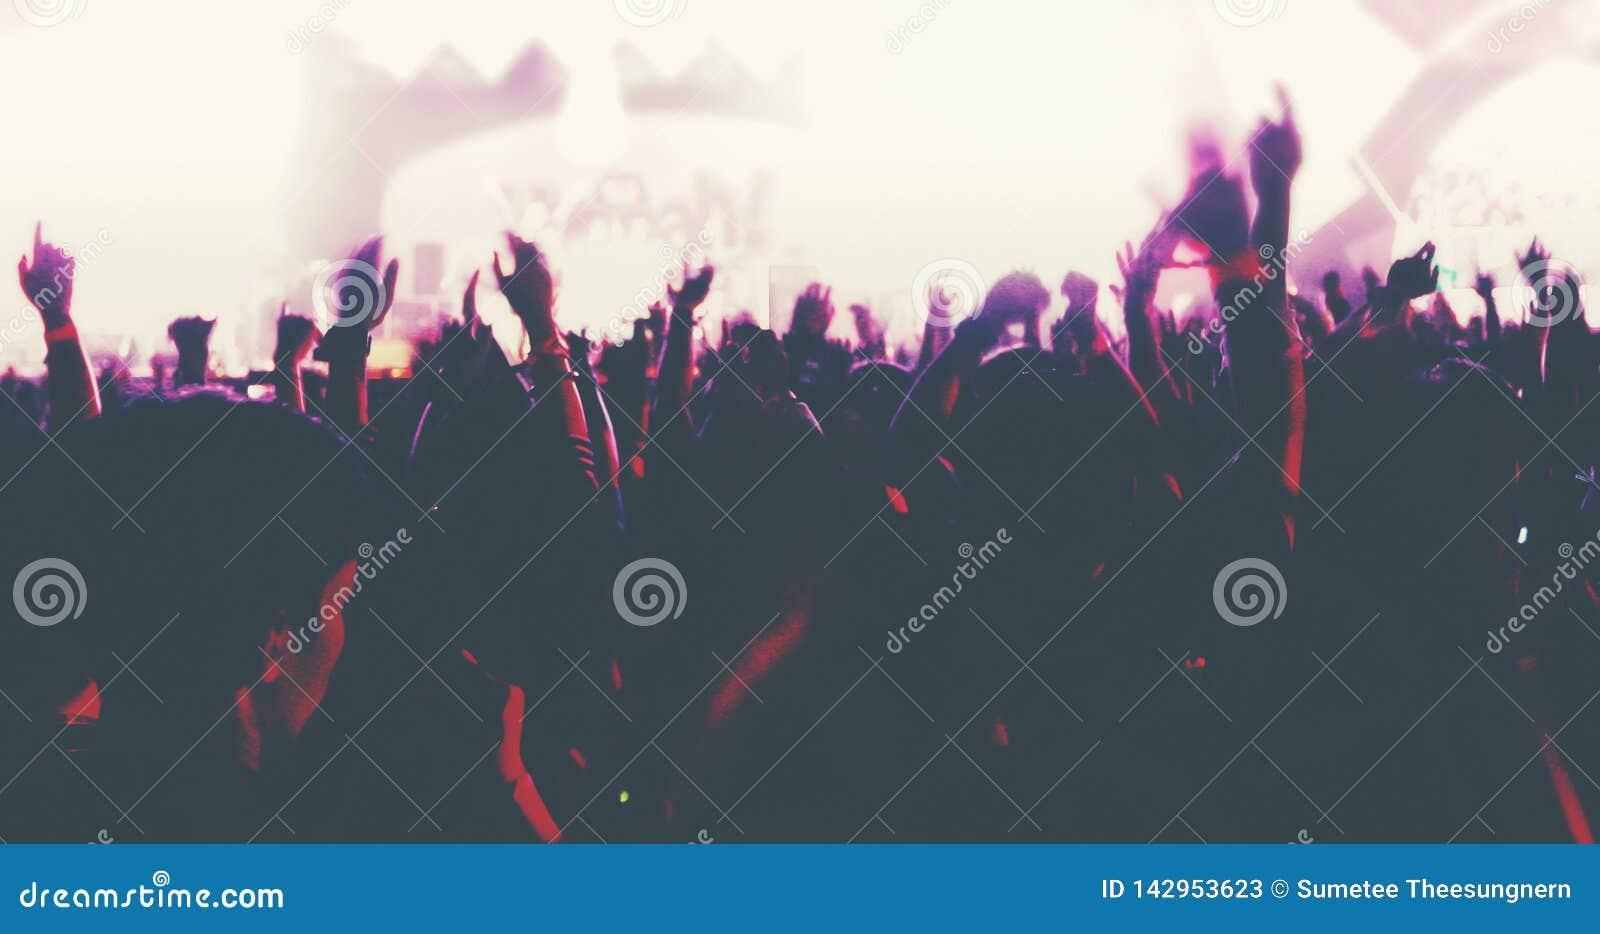 Oskarpt av konturer av konsertfolkmassan på den bakre sikten av festivalfolkmassan tänder att lyfta deras händer på ljus etapp